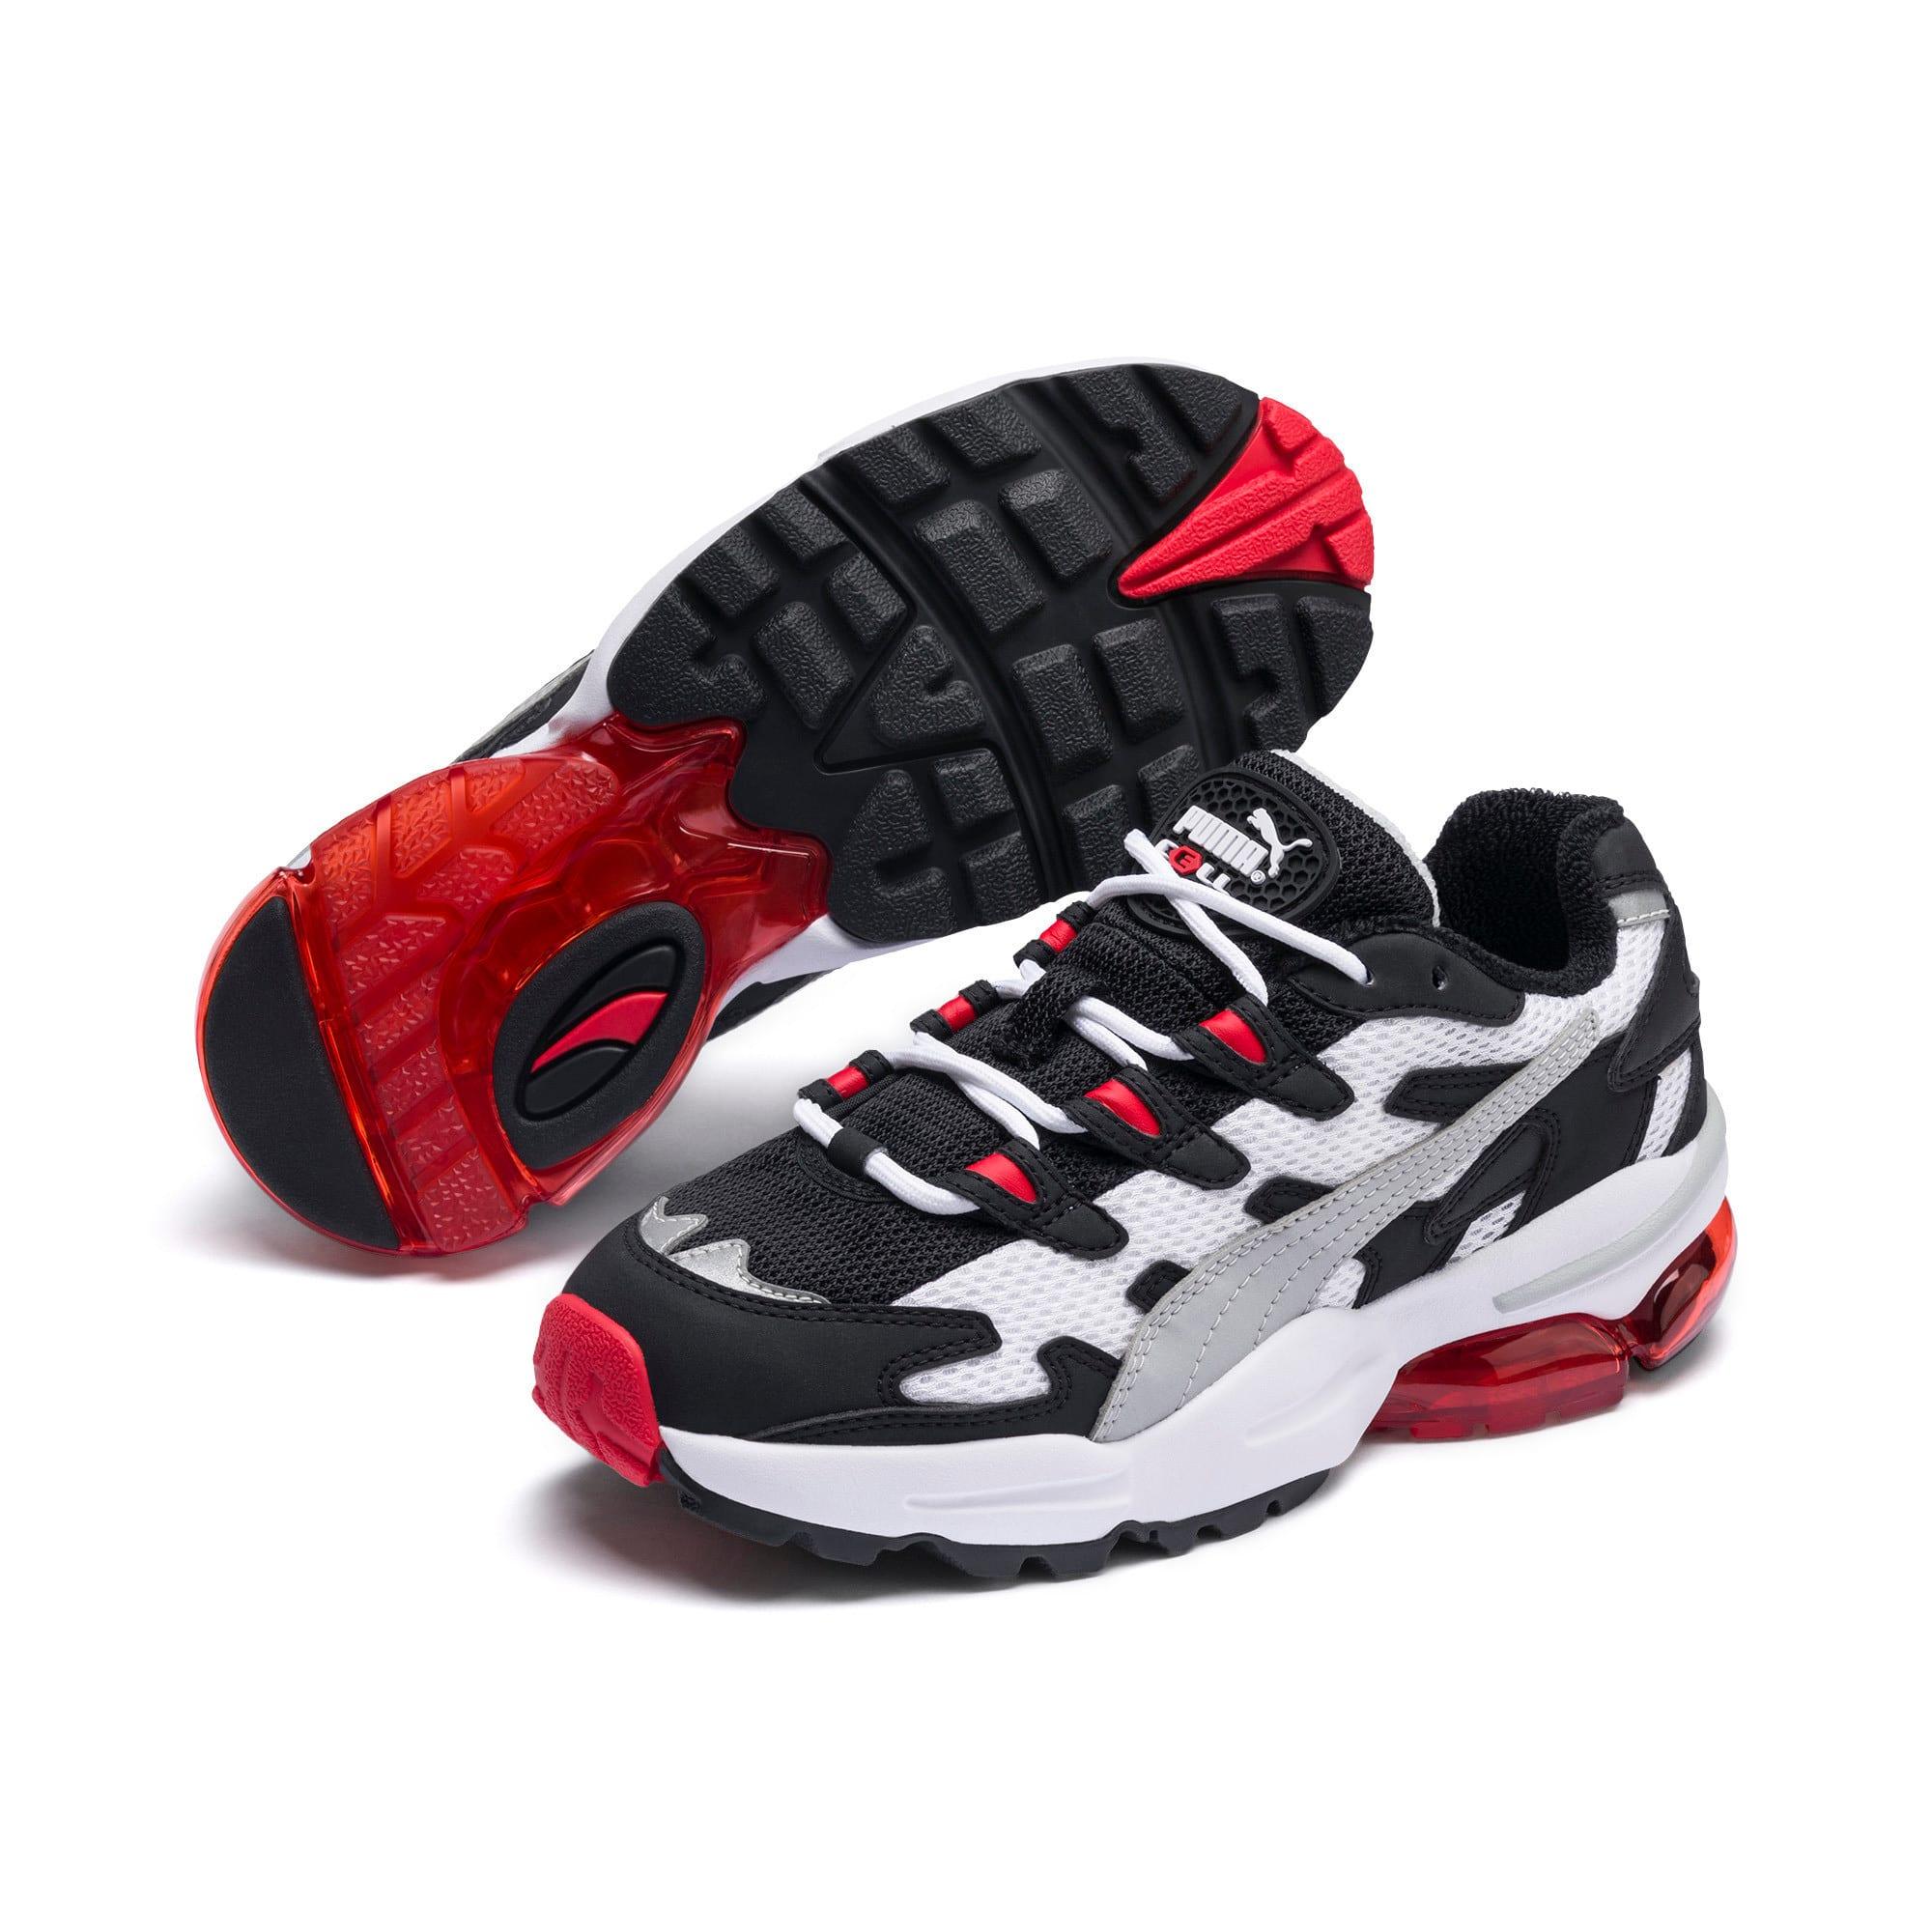 Thumbnail 2 of CELL Alien OG Sneakers JR, Puma White-High Risk Red, medium